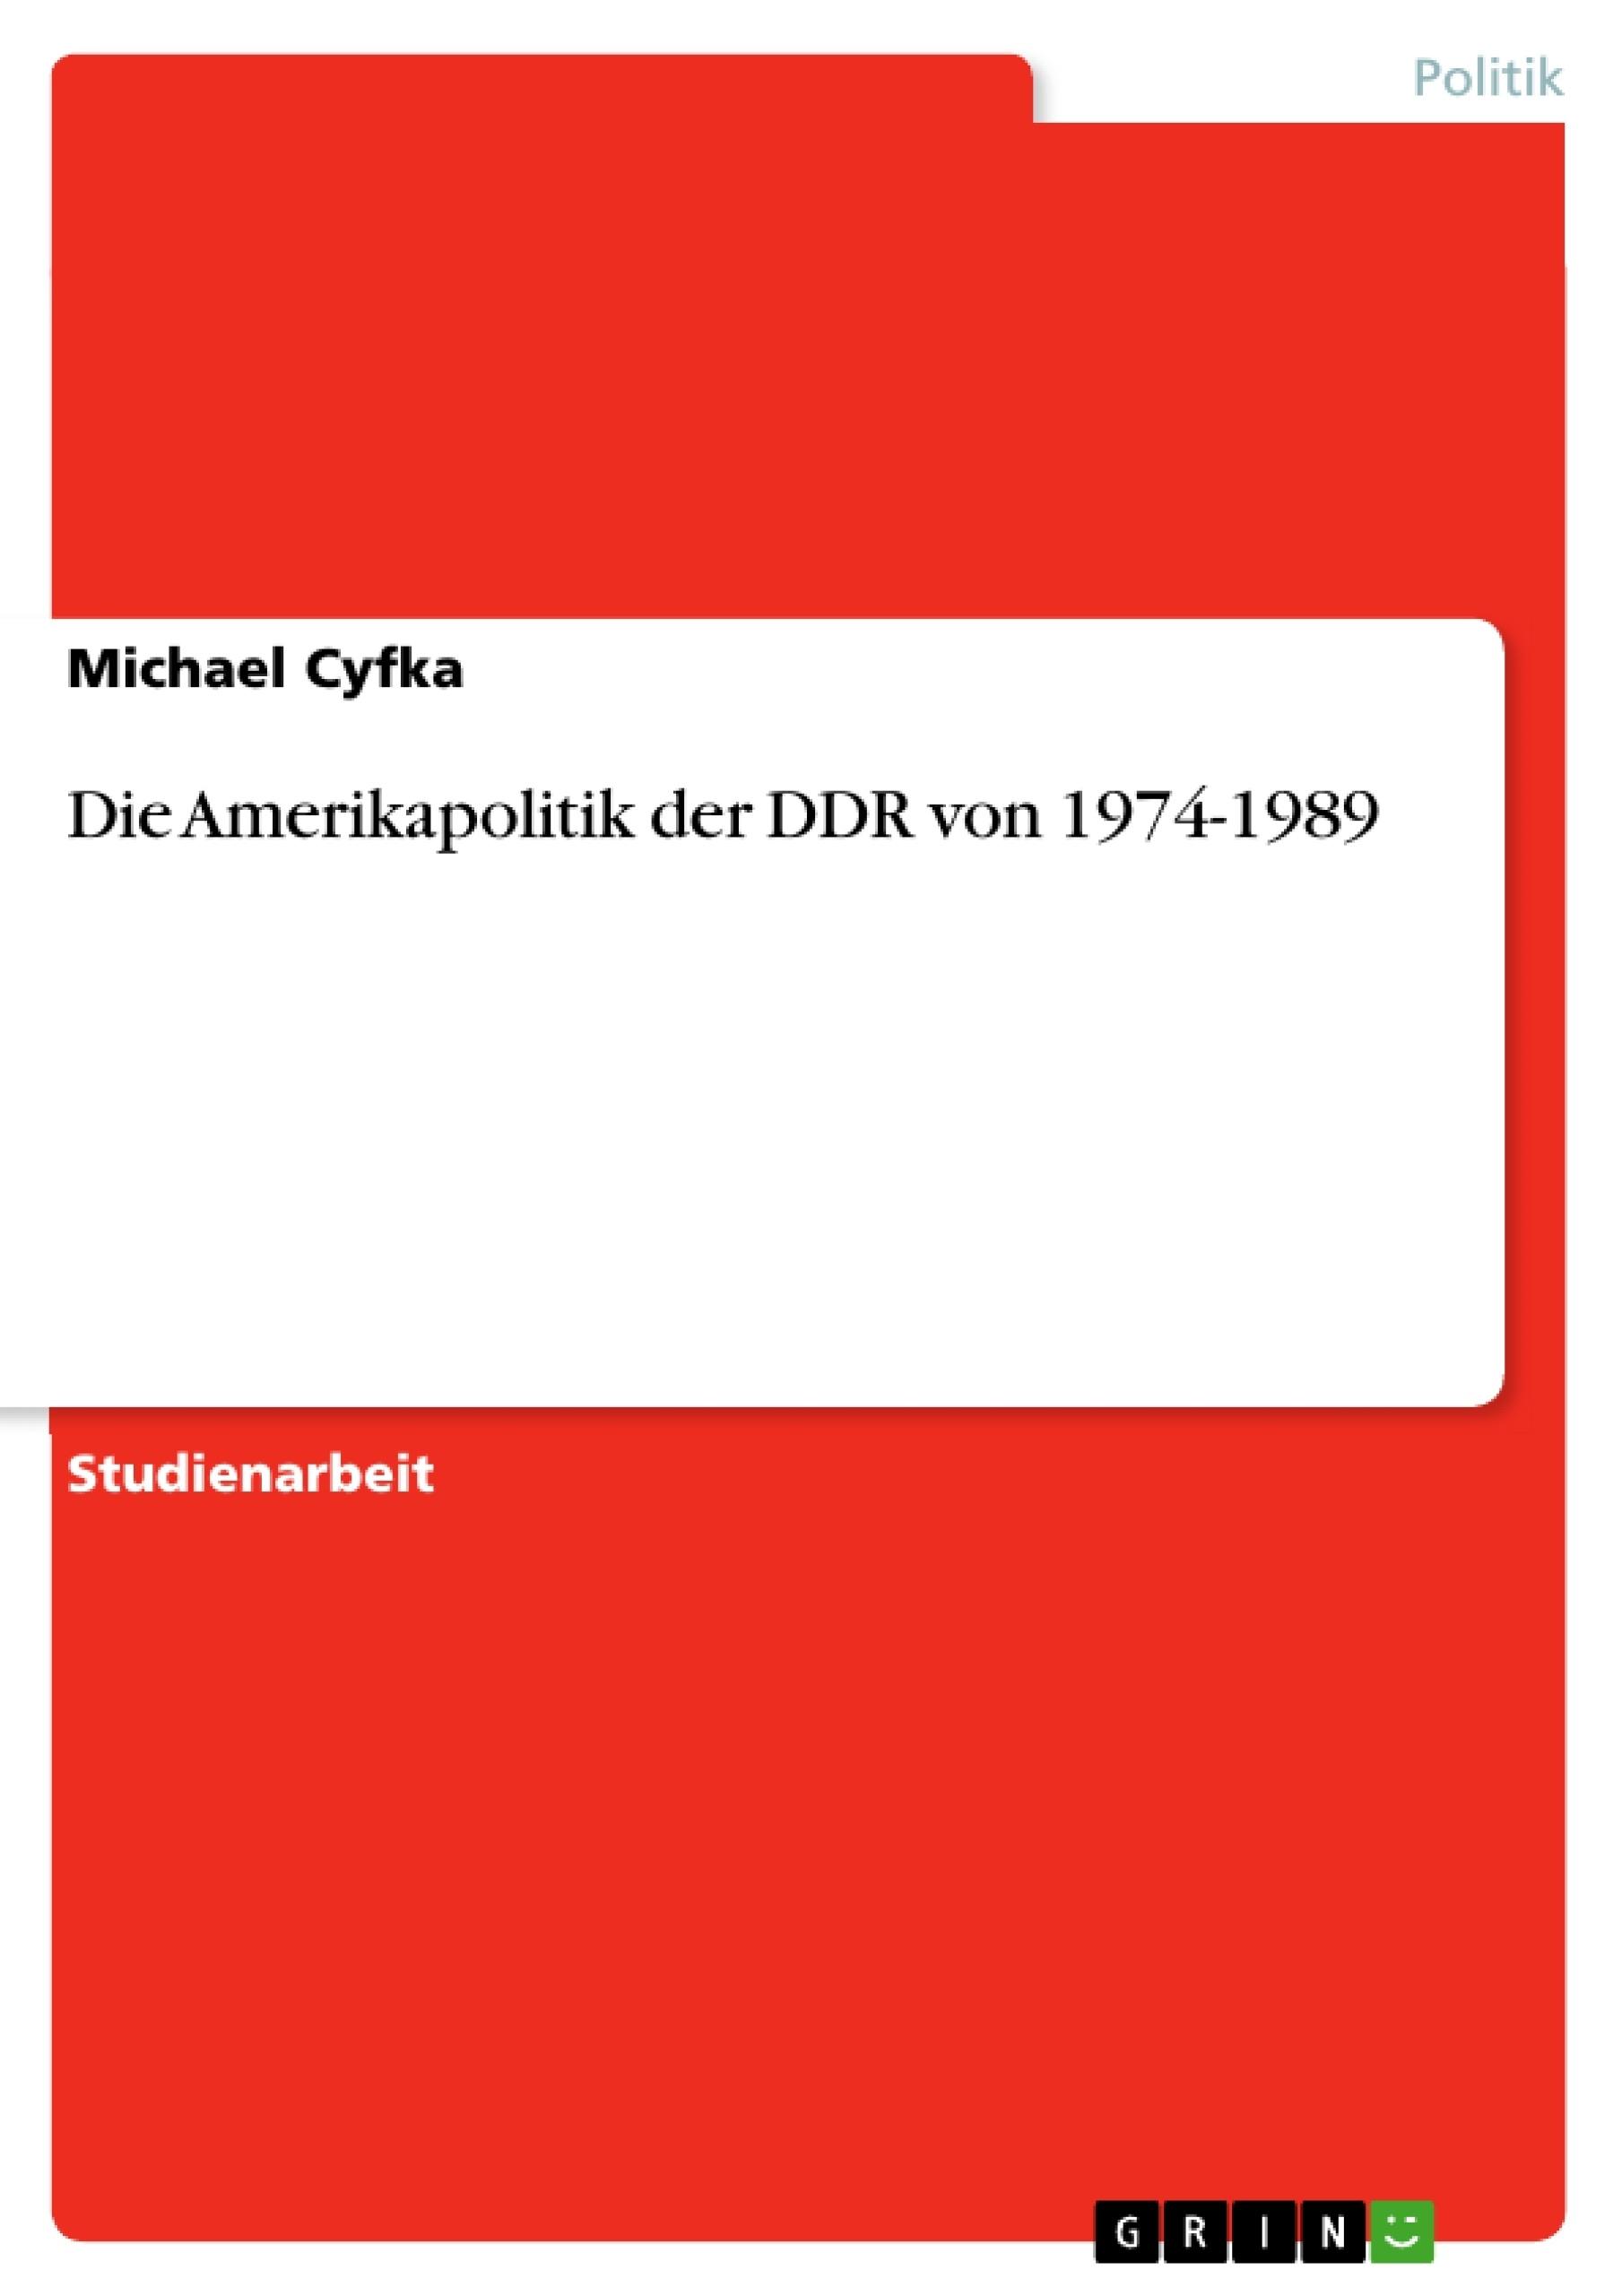 Titel: Die Amerikapolitik der DDR von 1974-1989